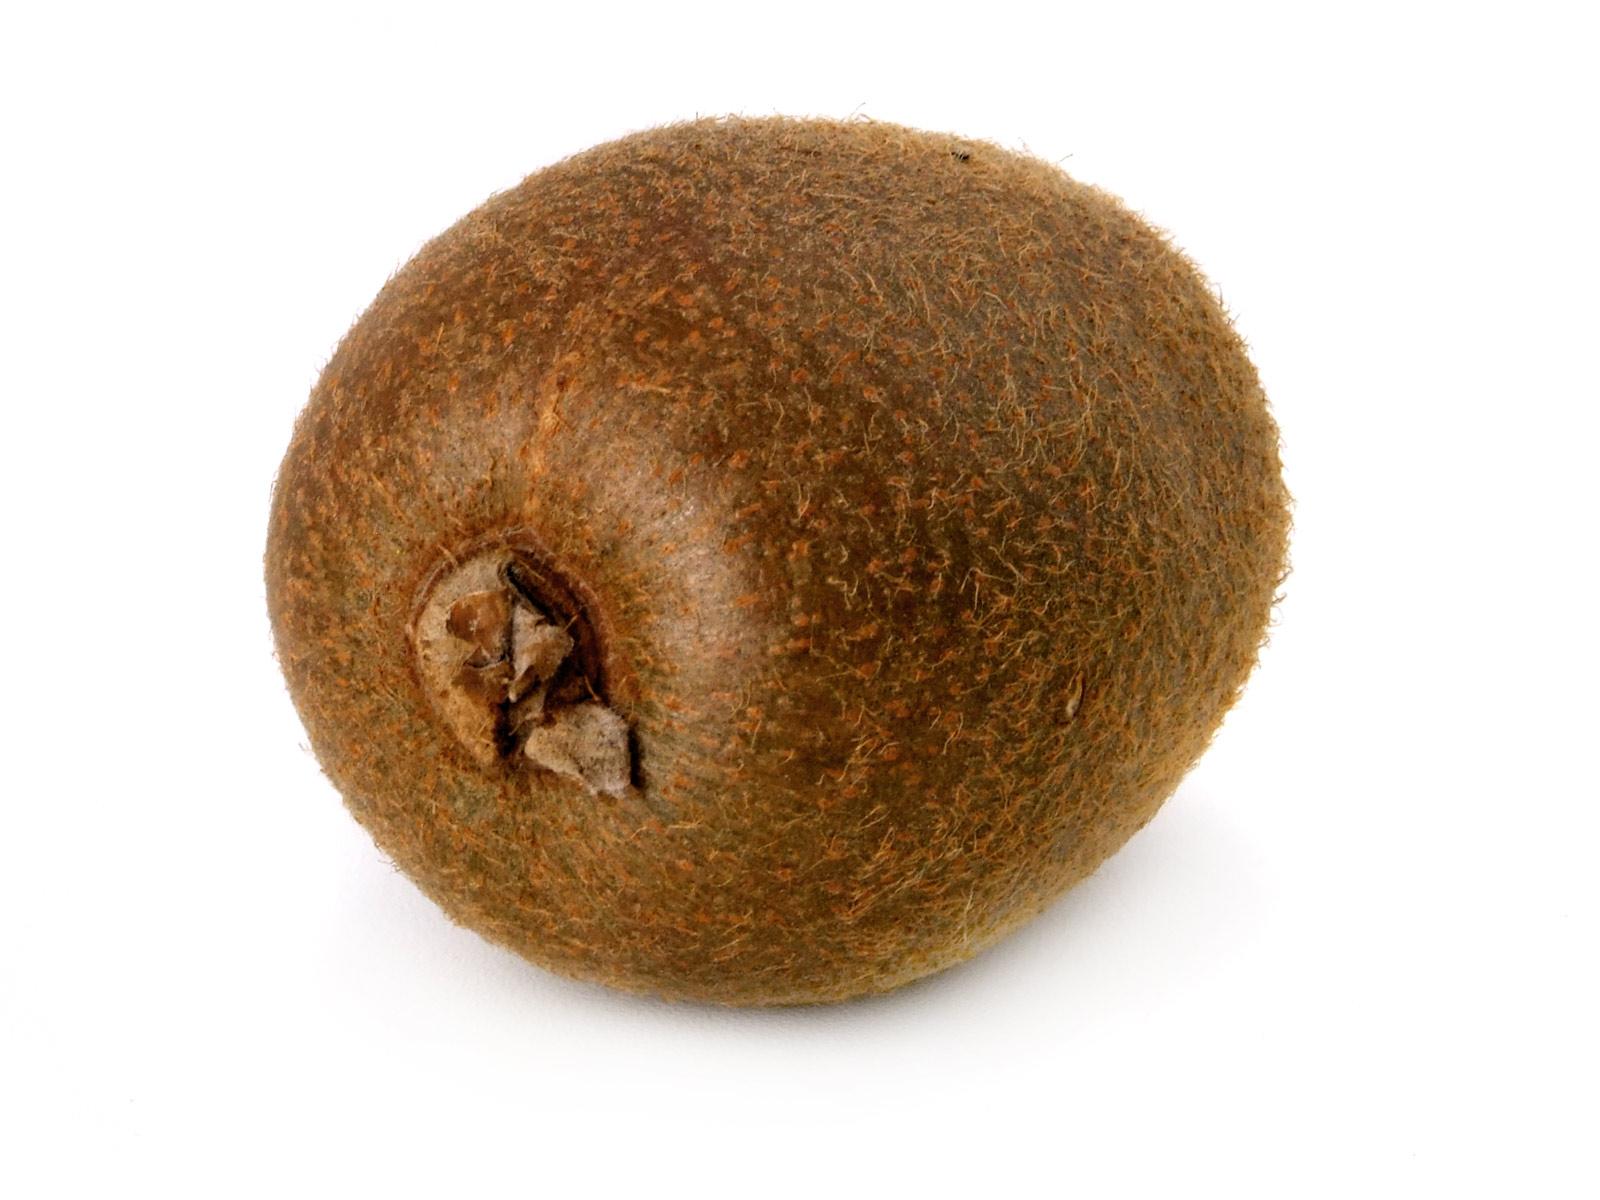 kiwi obst beeren braun